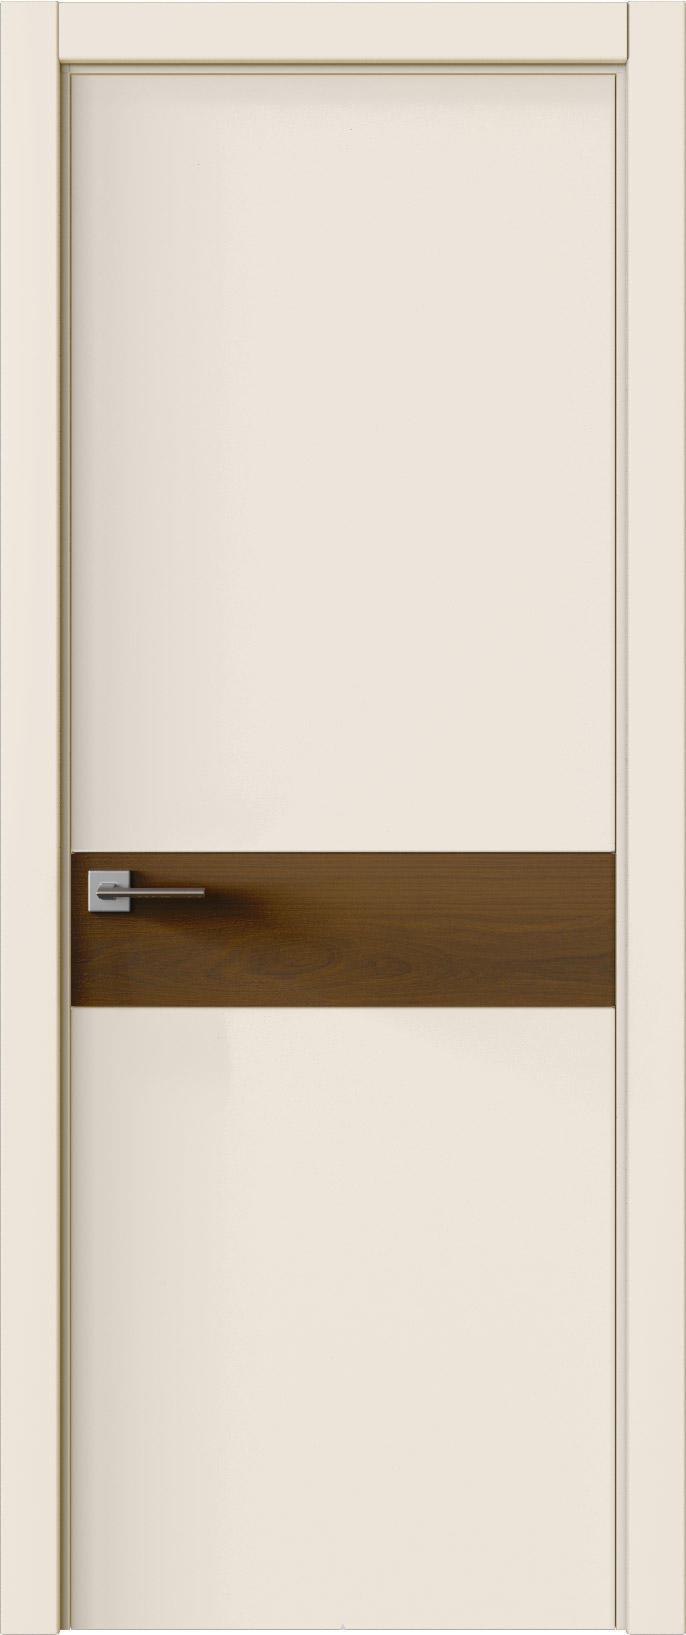 Tivoli И-4 цвет - Жемчужная эмаль (RAL 1013) Без стекла (ДГ)